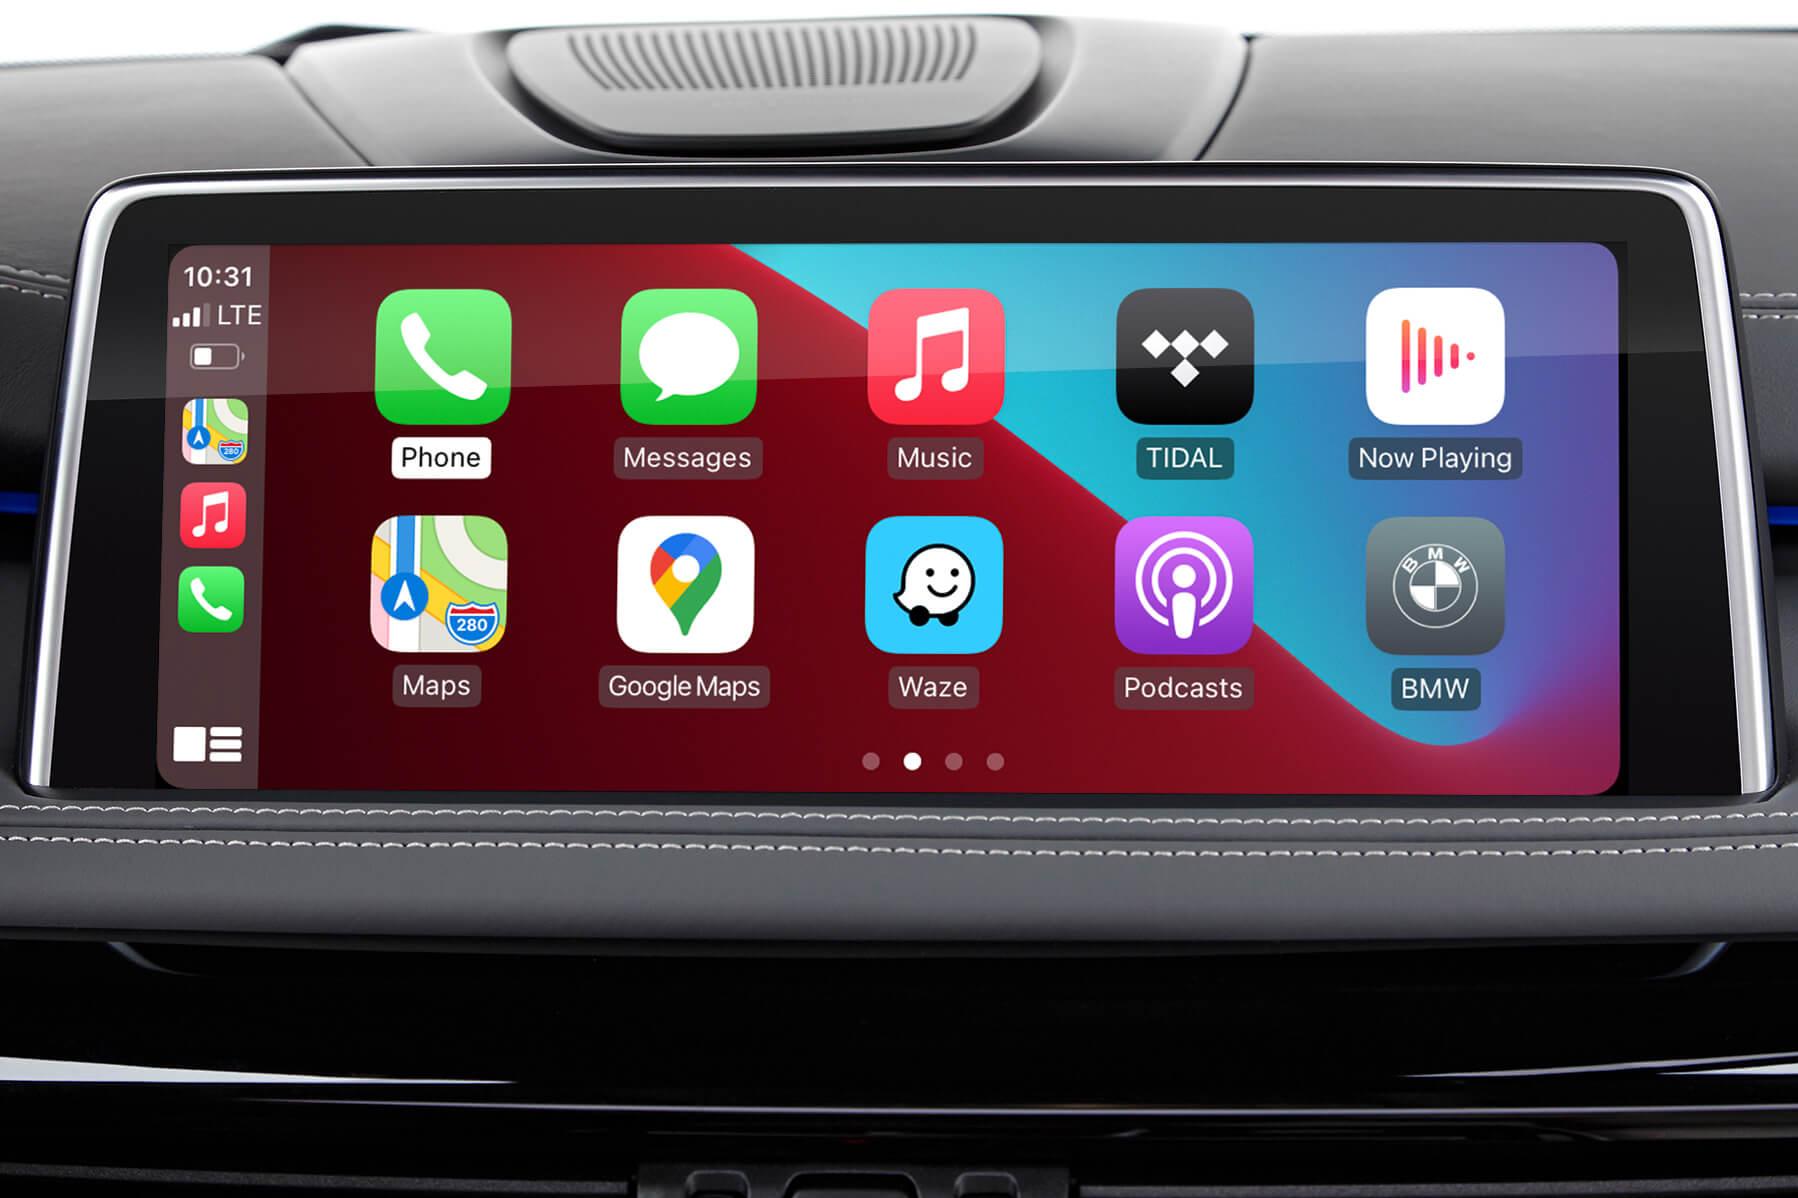 CarPlay update in iOS 14